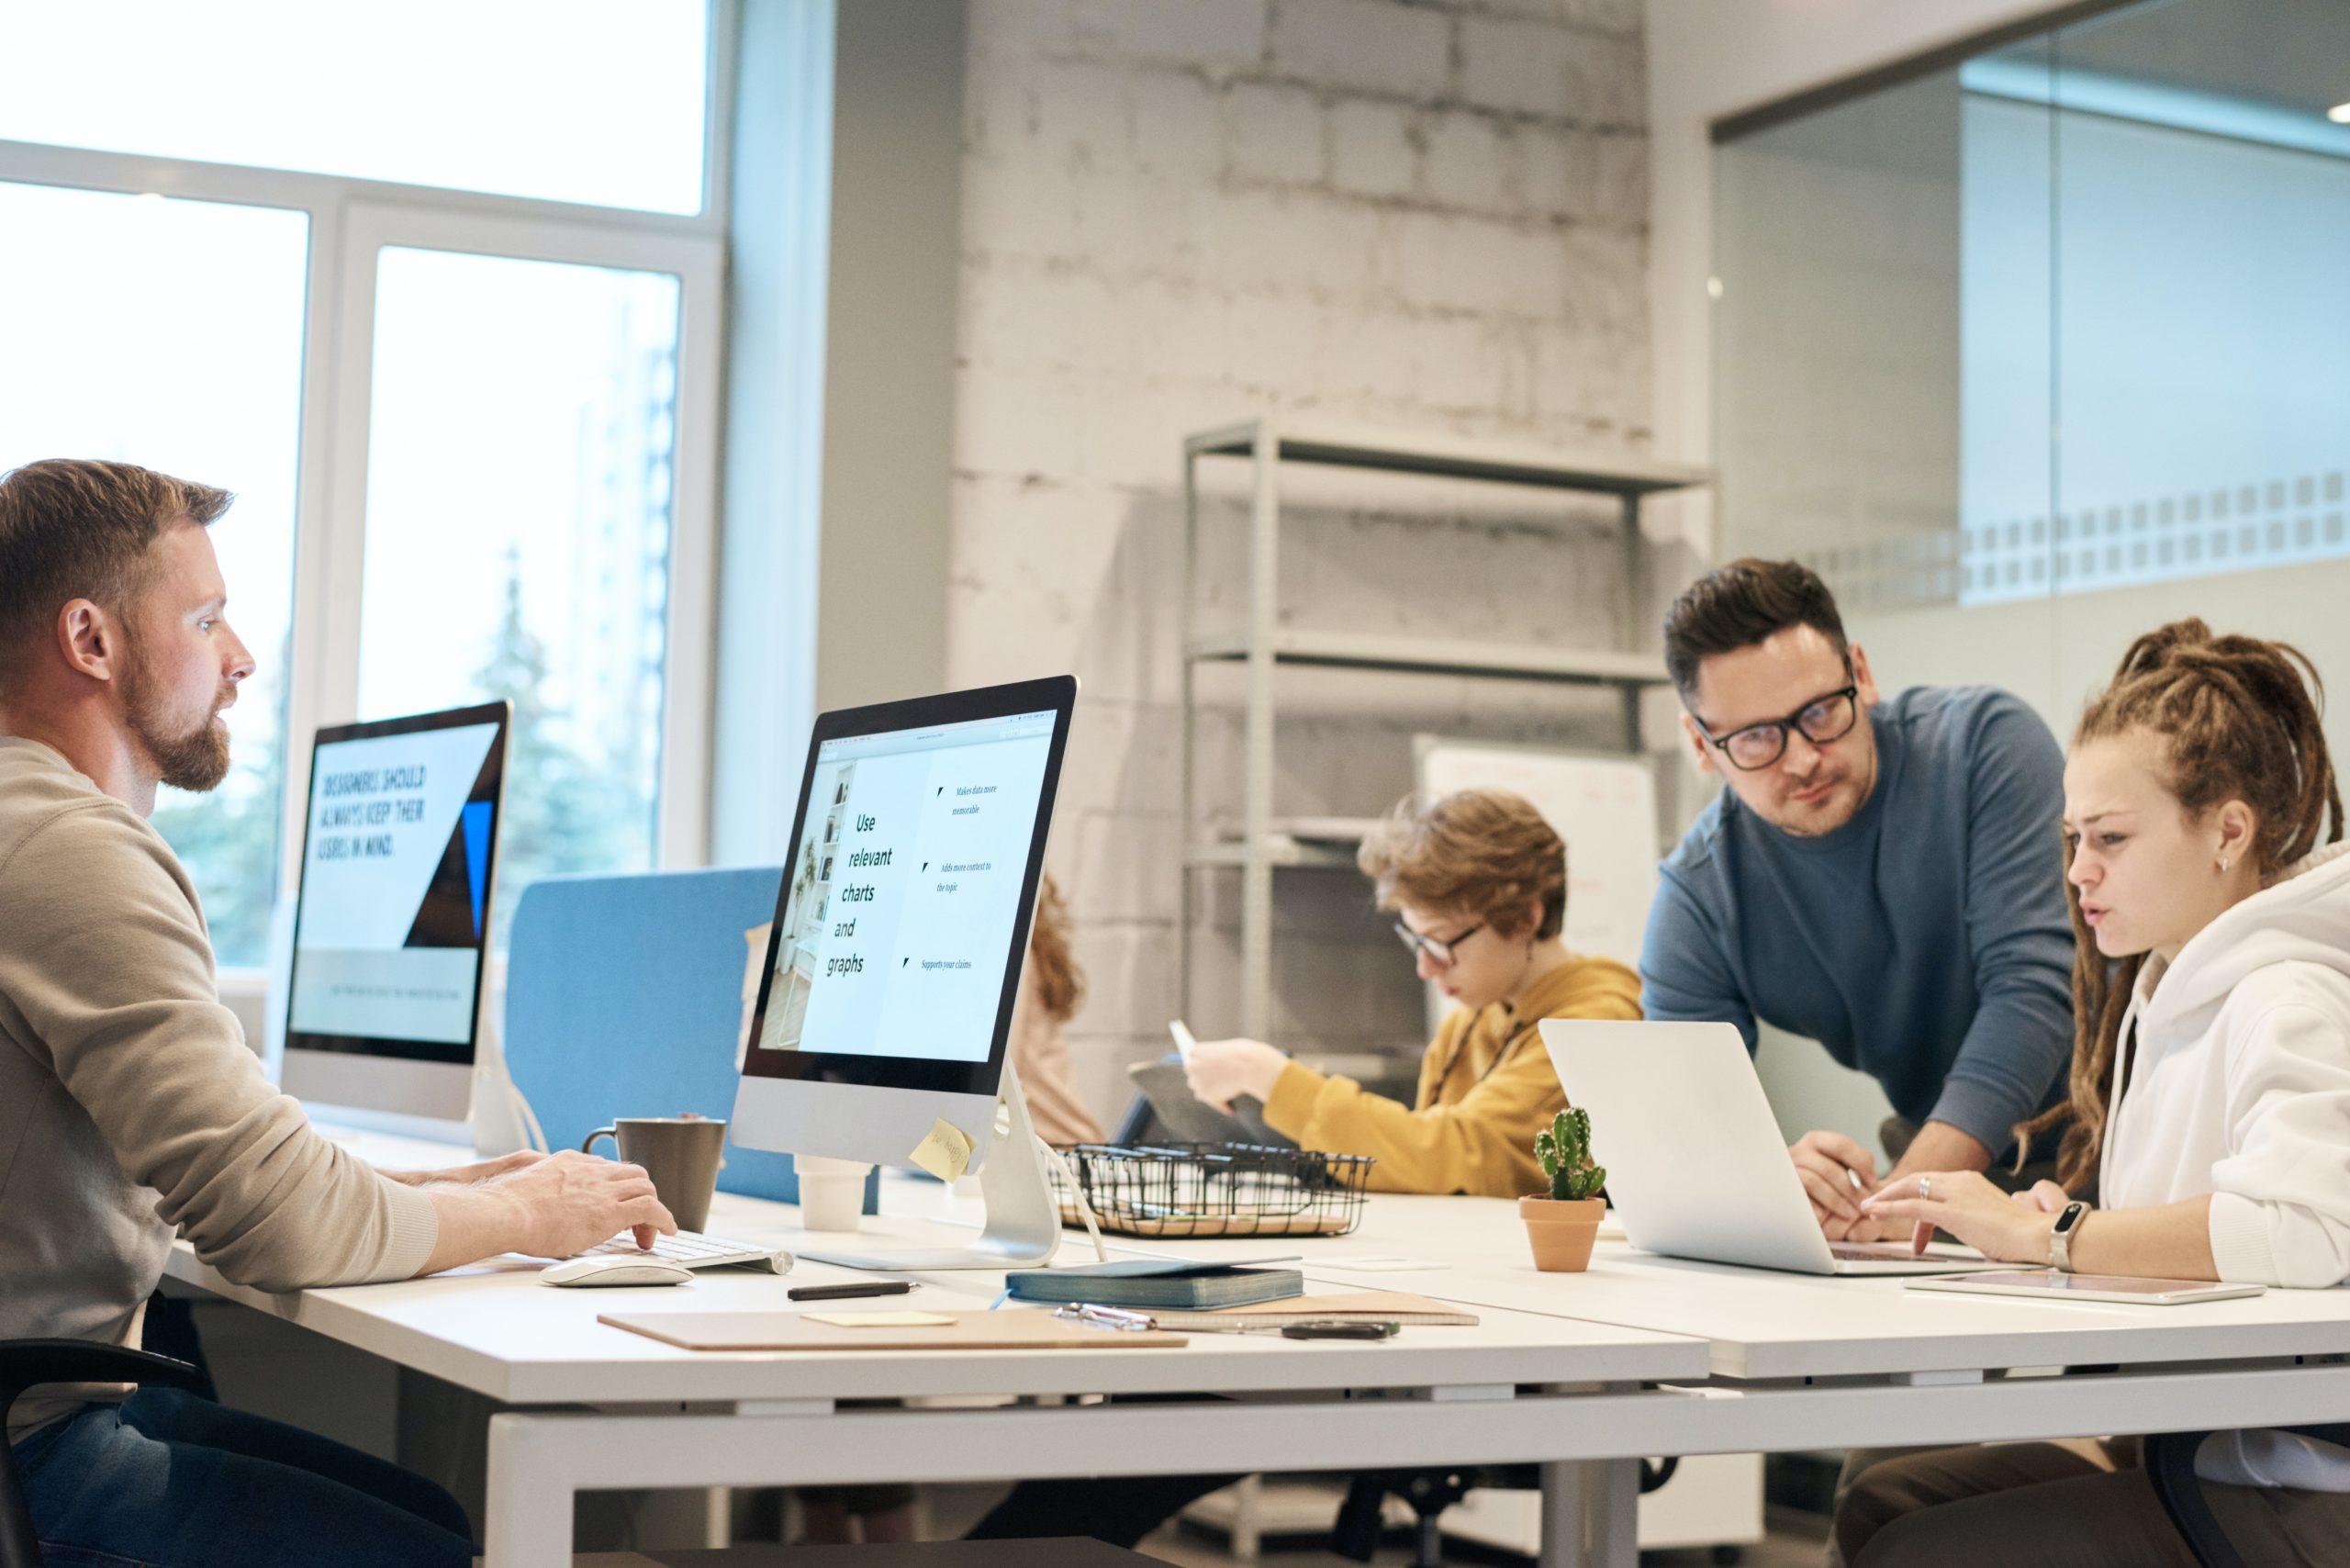 Сотрудники предприятия за работой в офисе